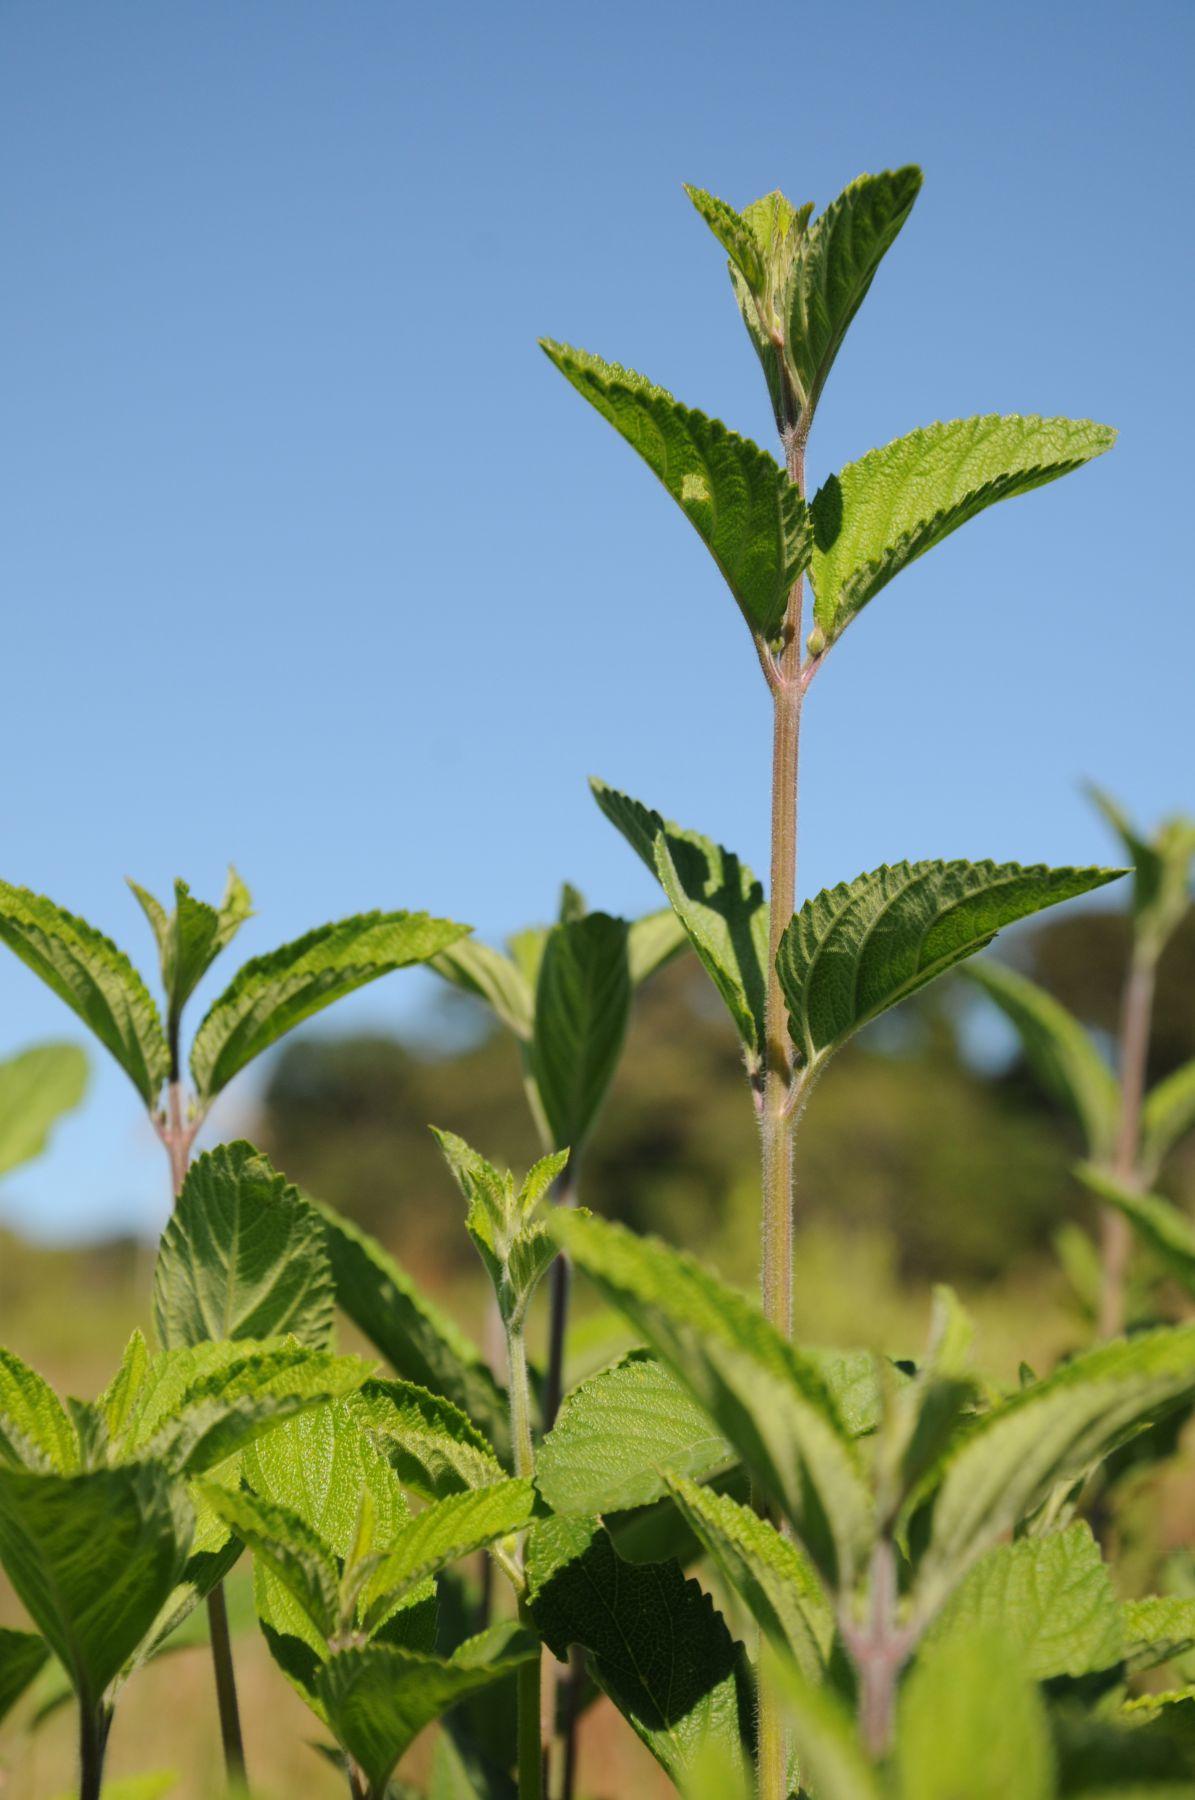 A falsa erva-cidreira possui propriedades medicinais